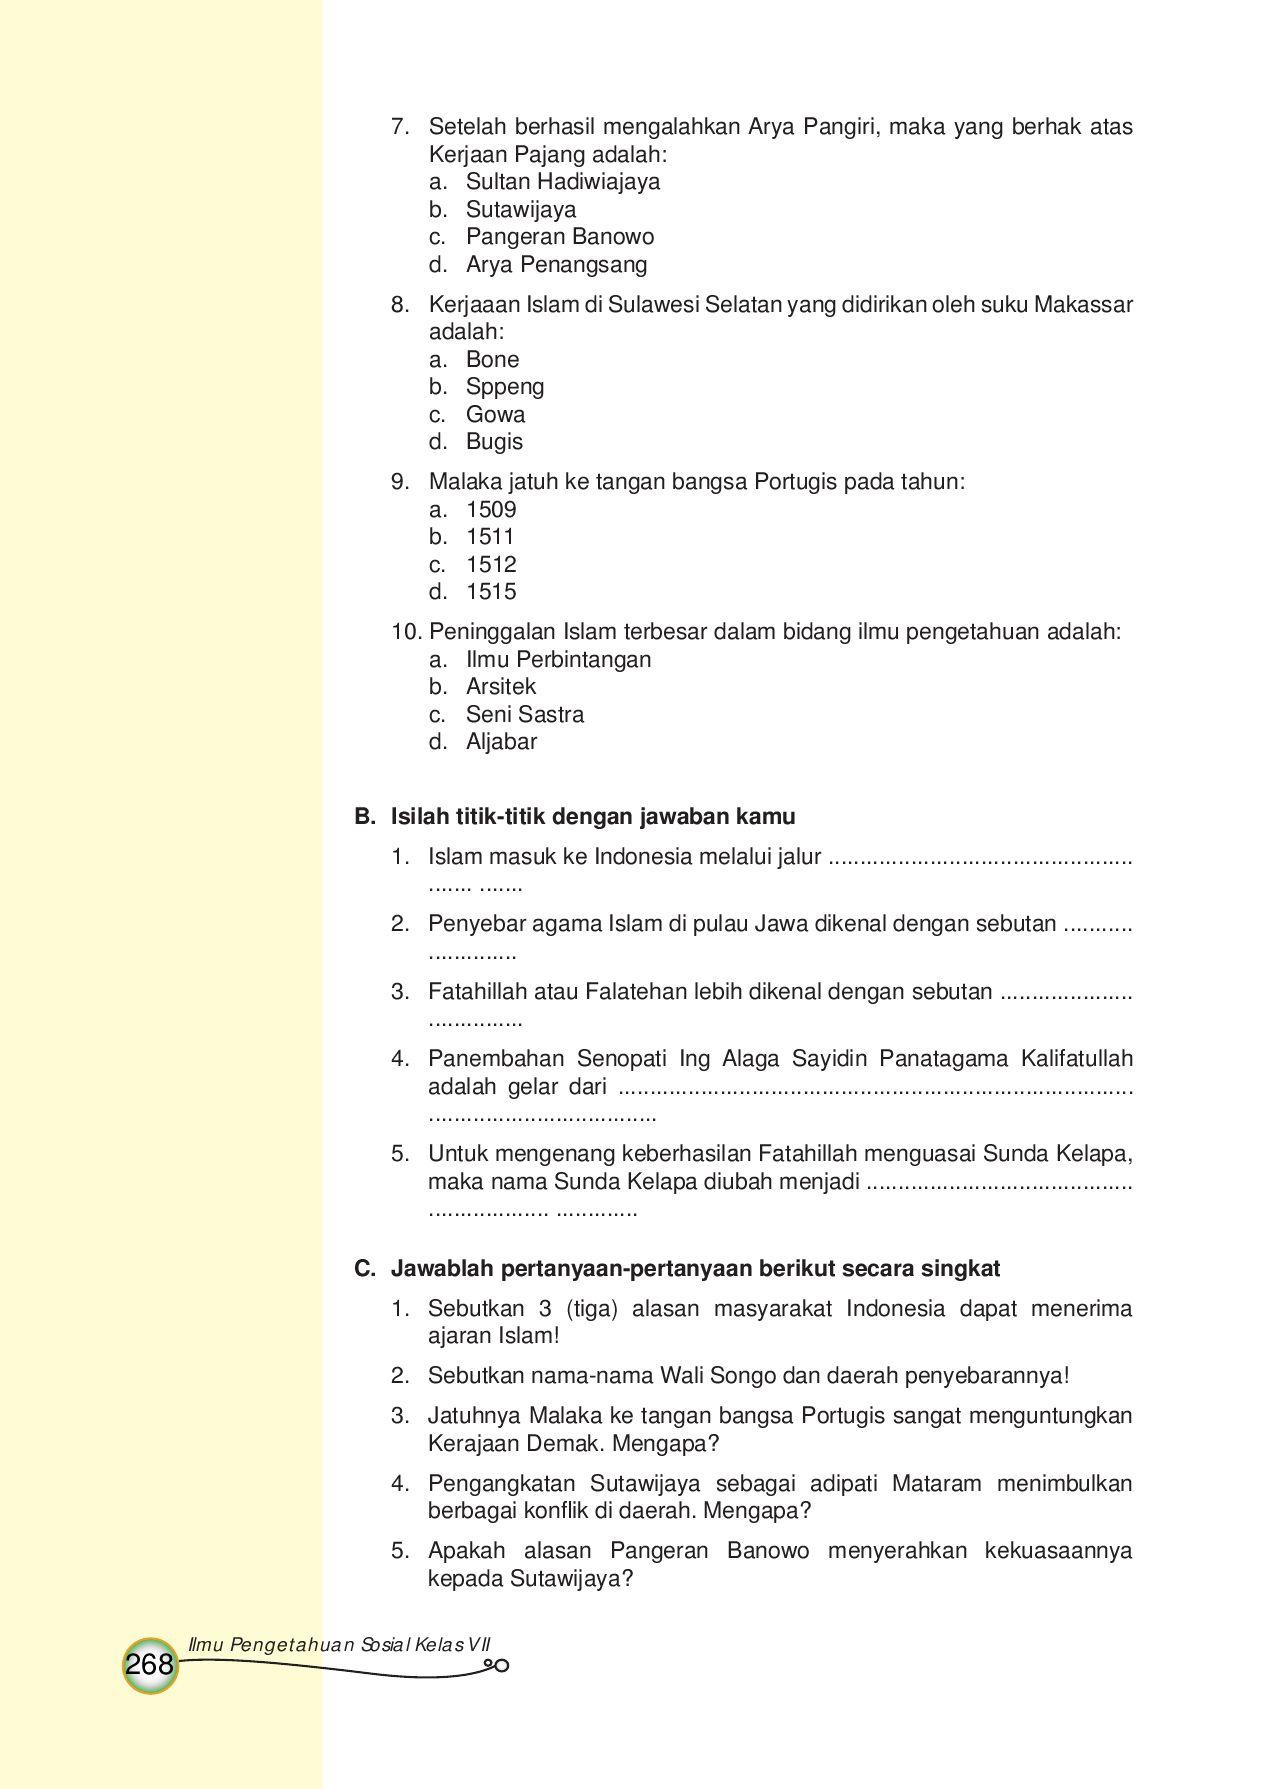 Sebutkan Penyebar Islam Di Pulau Jawa Yang Di Kenal Dengan Walisongo! : sebutkan, penyebar, islam, pulau, kenal, dengan, walisongo!, Kelas07_ctl-ips_sugiharsono-wayan-teguh-enoh-muhammad, Selagan, Issuu